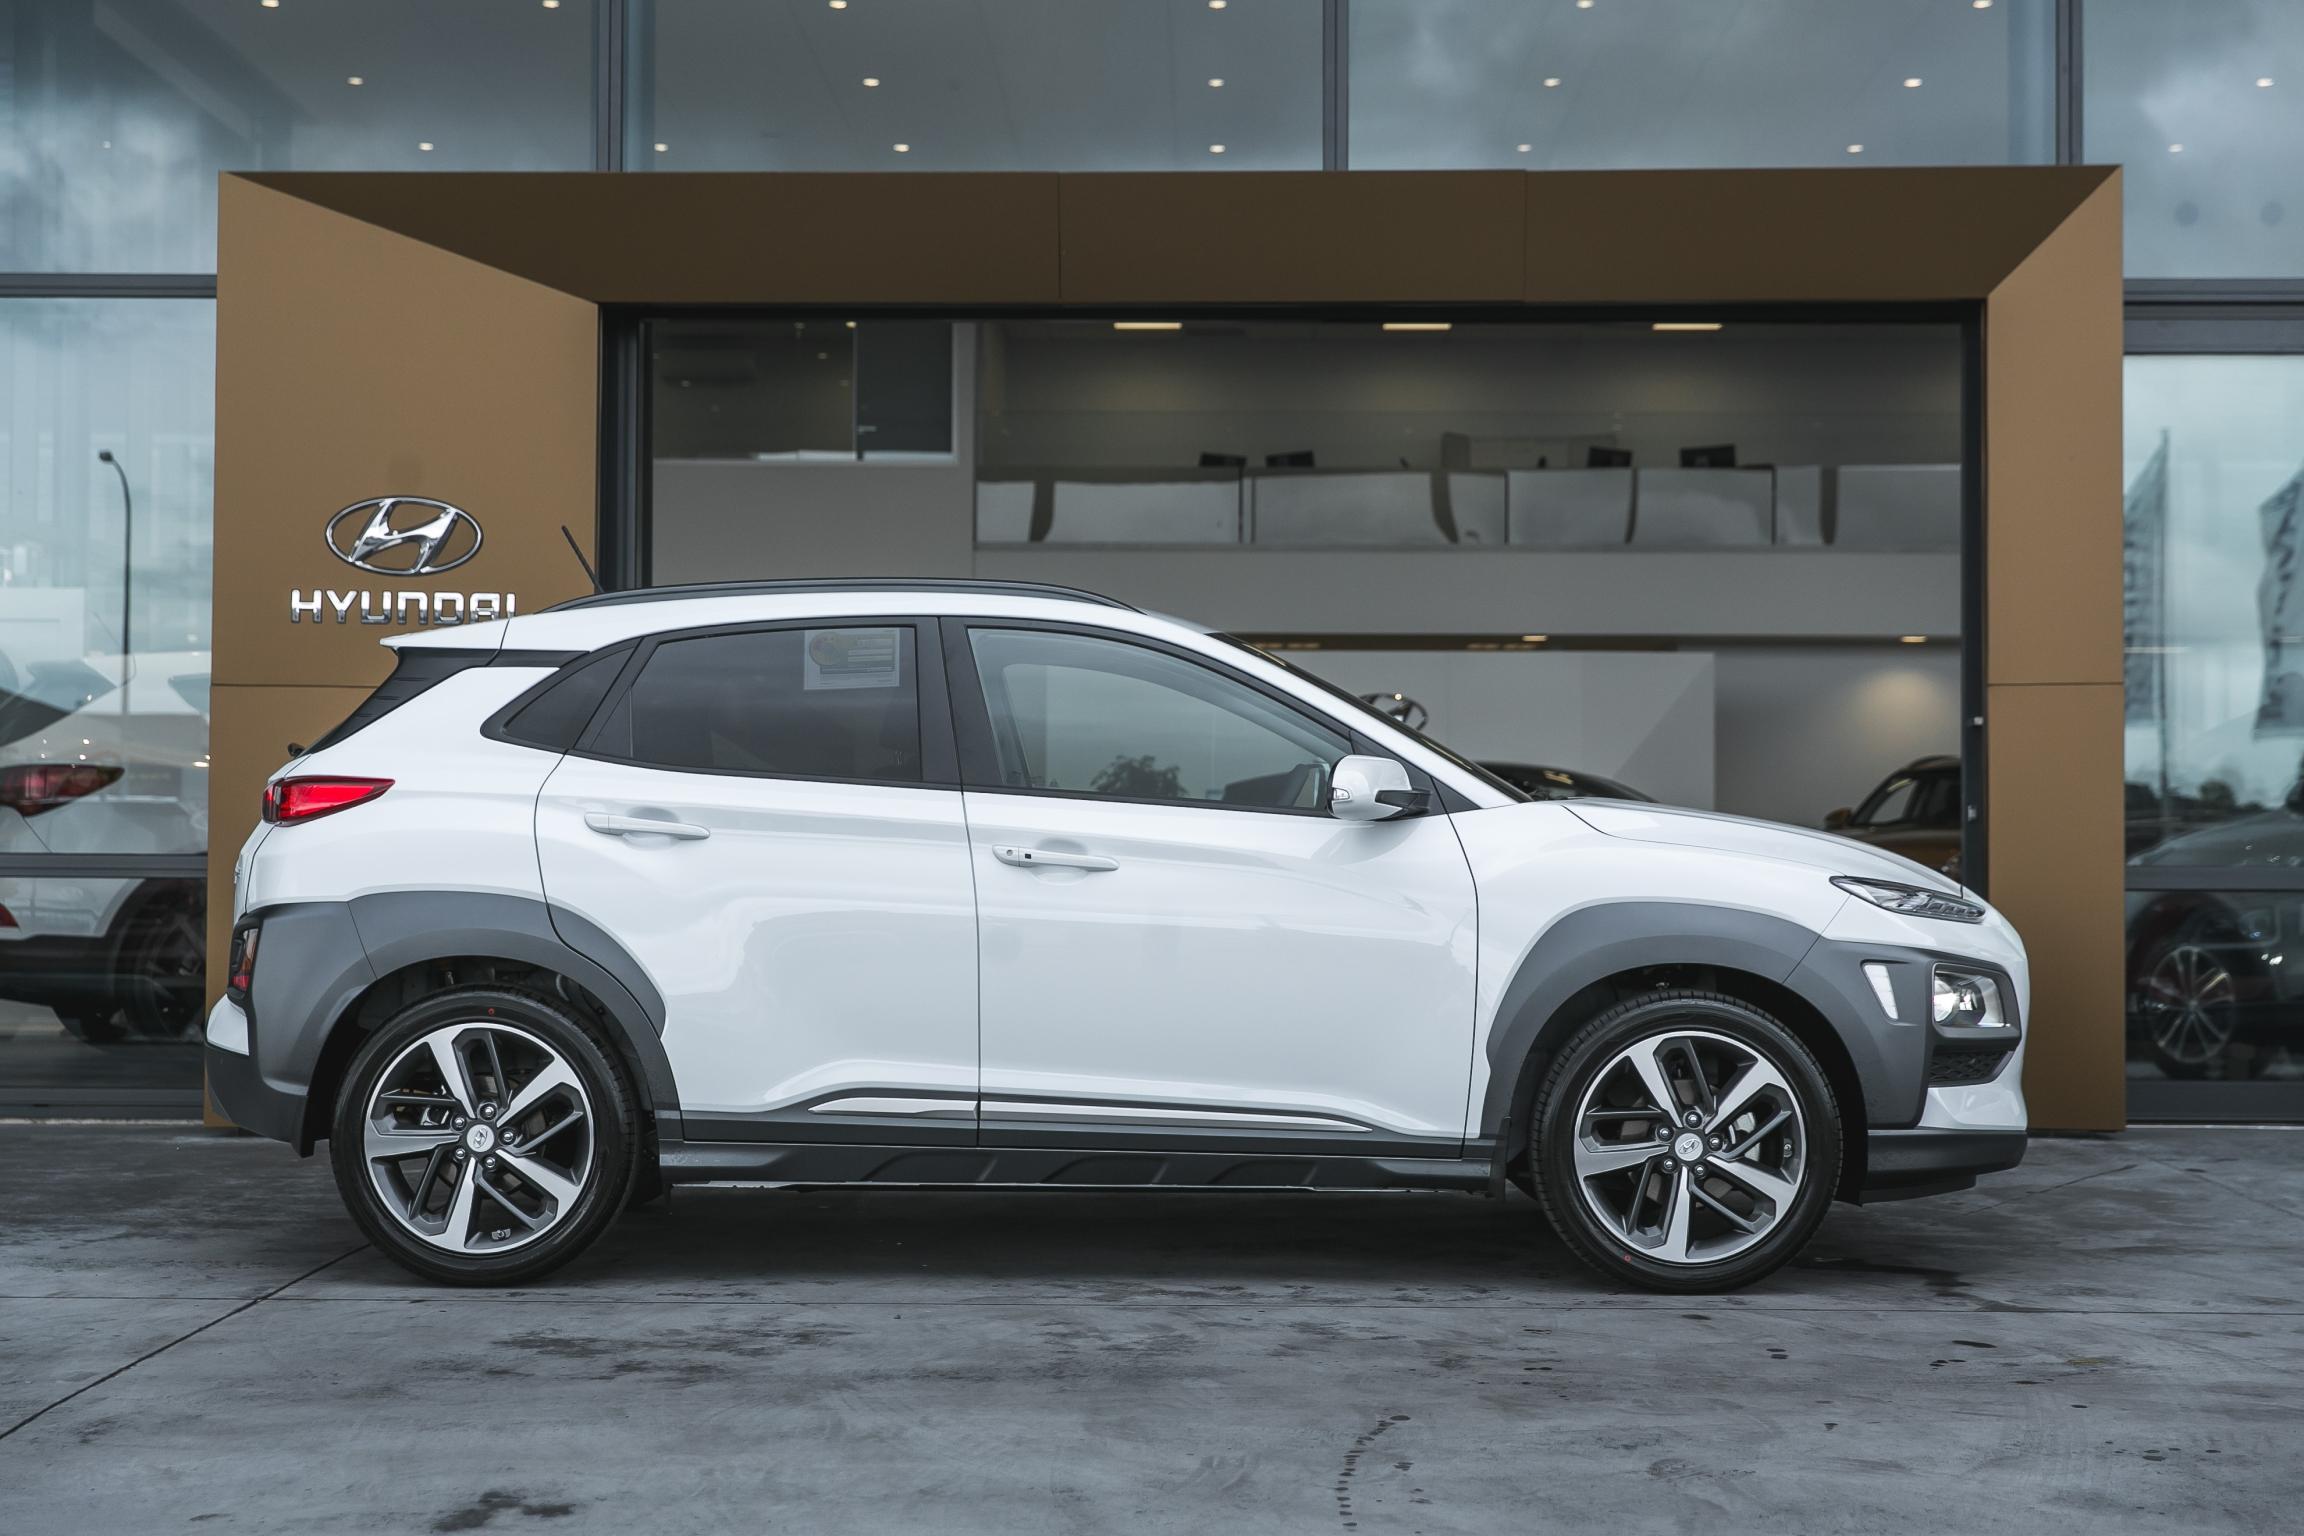 Used Hyundai 2018 Kona 2 0l Elite Hyundai Nz